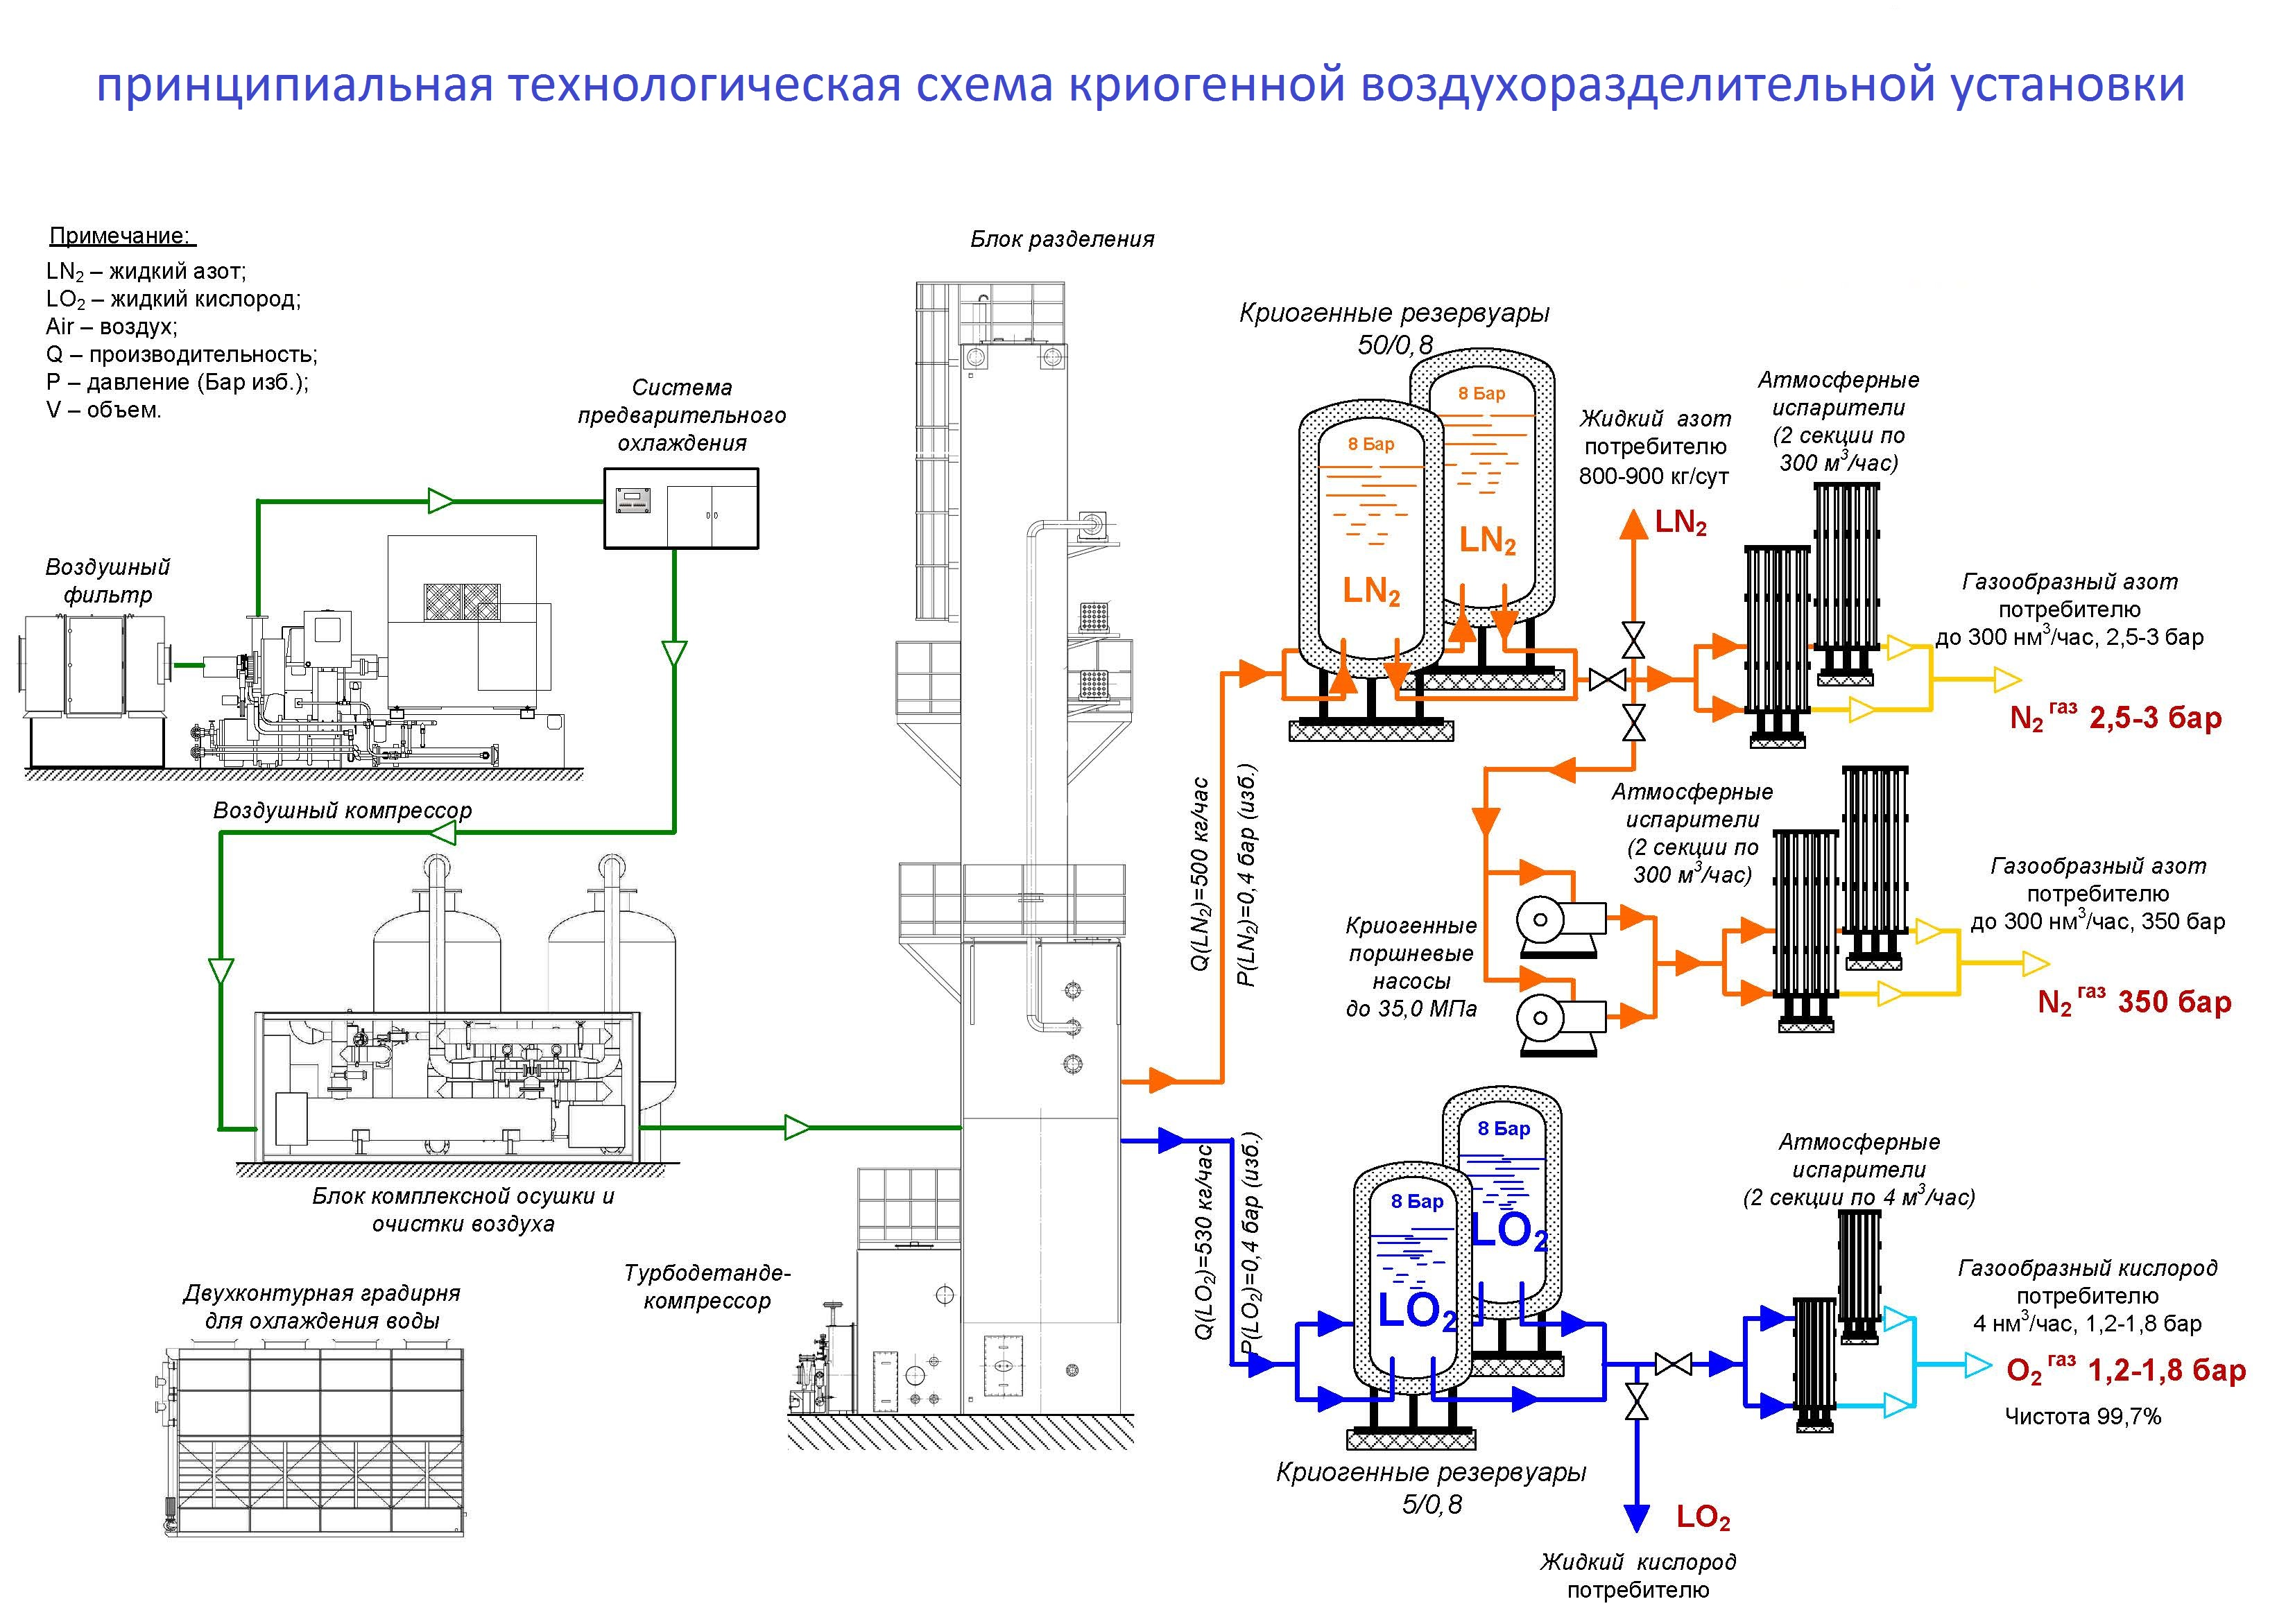 Схема комплекса поучение азота и кислорода на базе жидкостной ВРУ